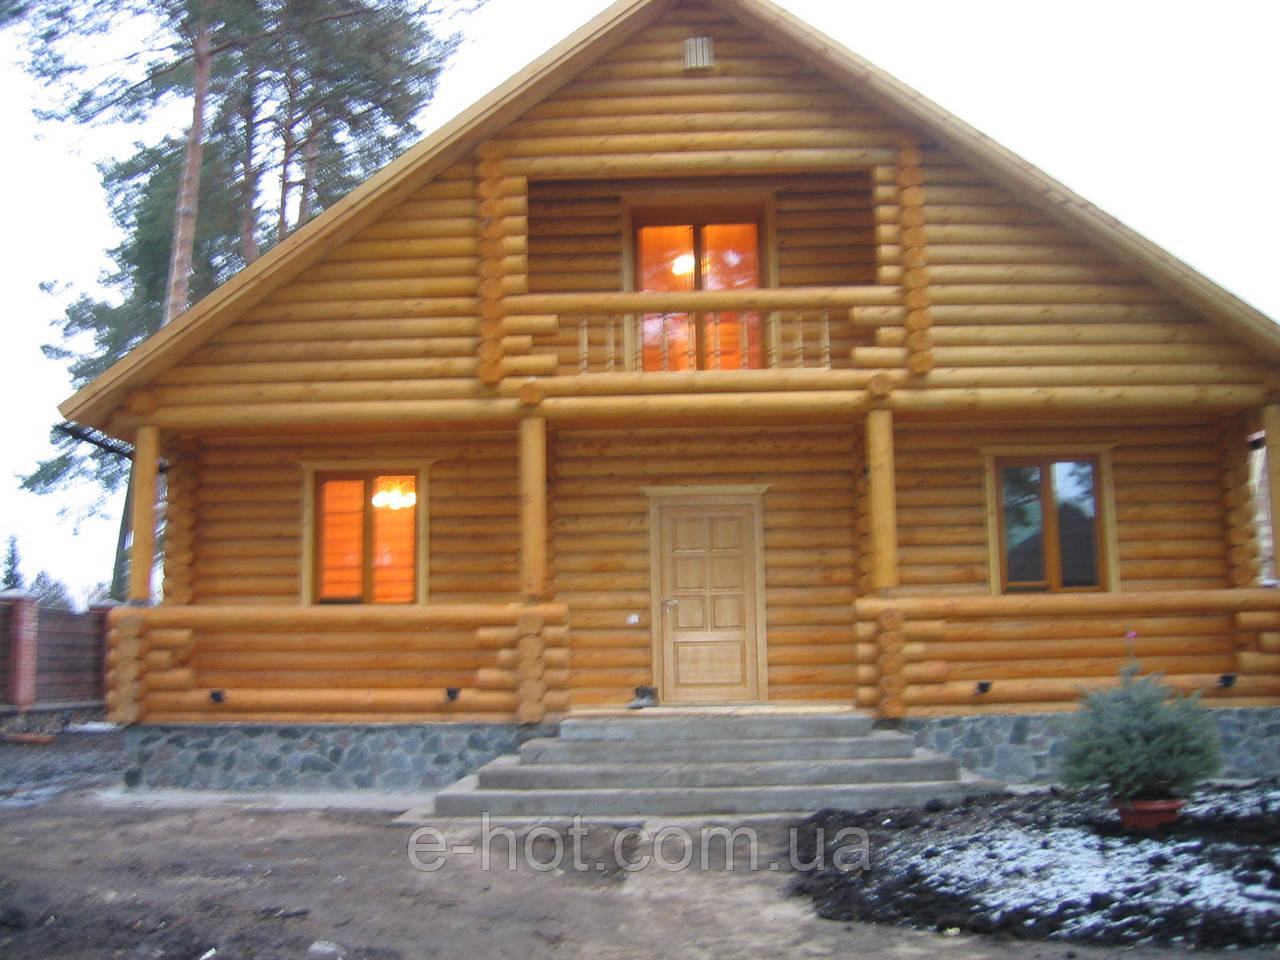 Строительство дома, Дом Михайличенко